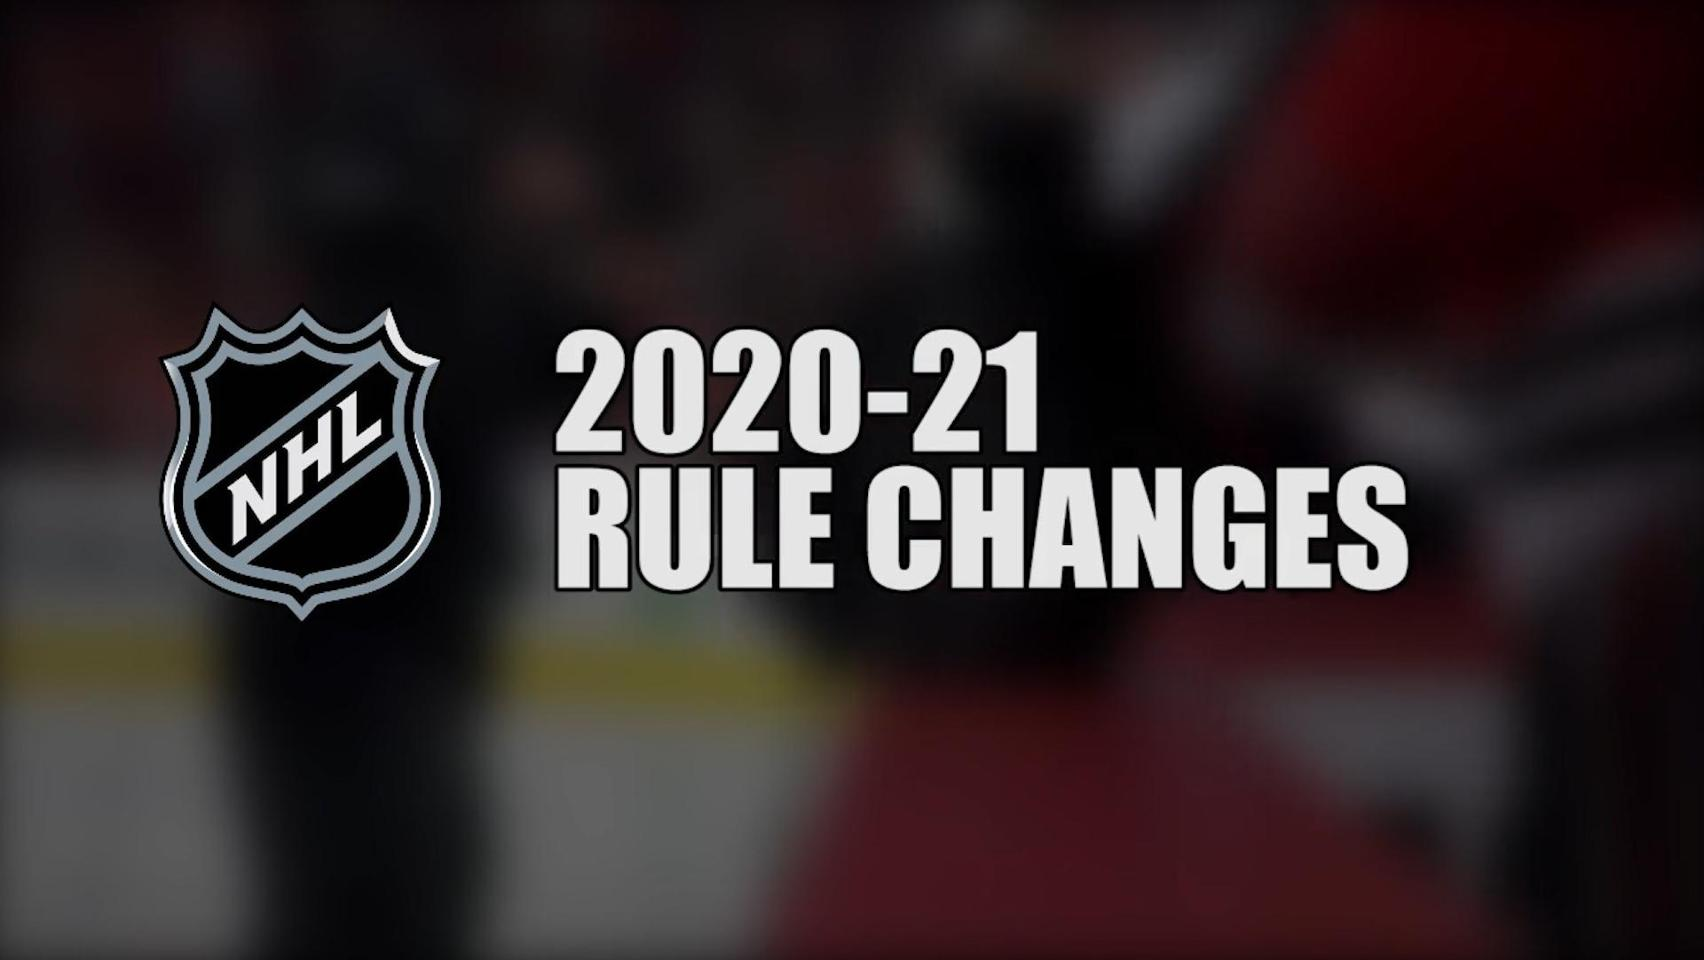 2020 21 Nhl Rule Changes Nhl Com